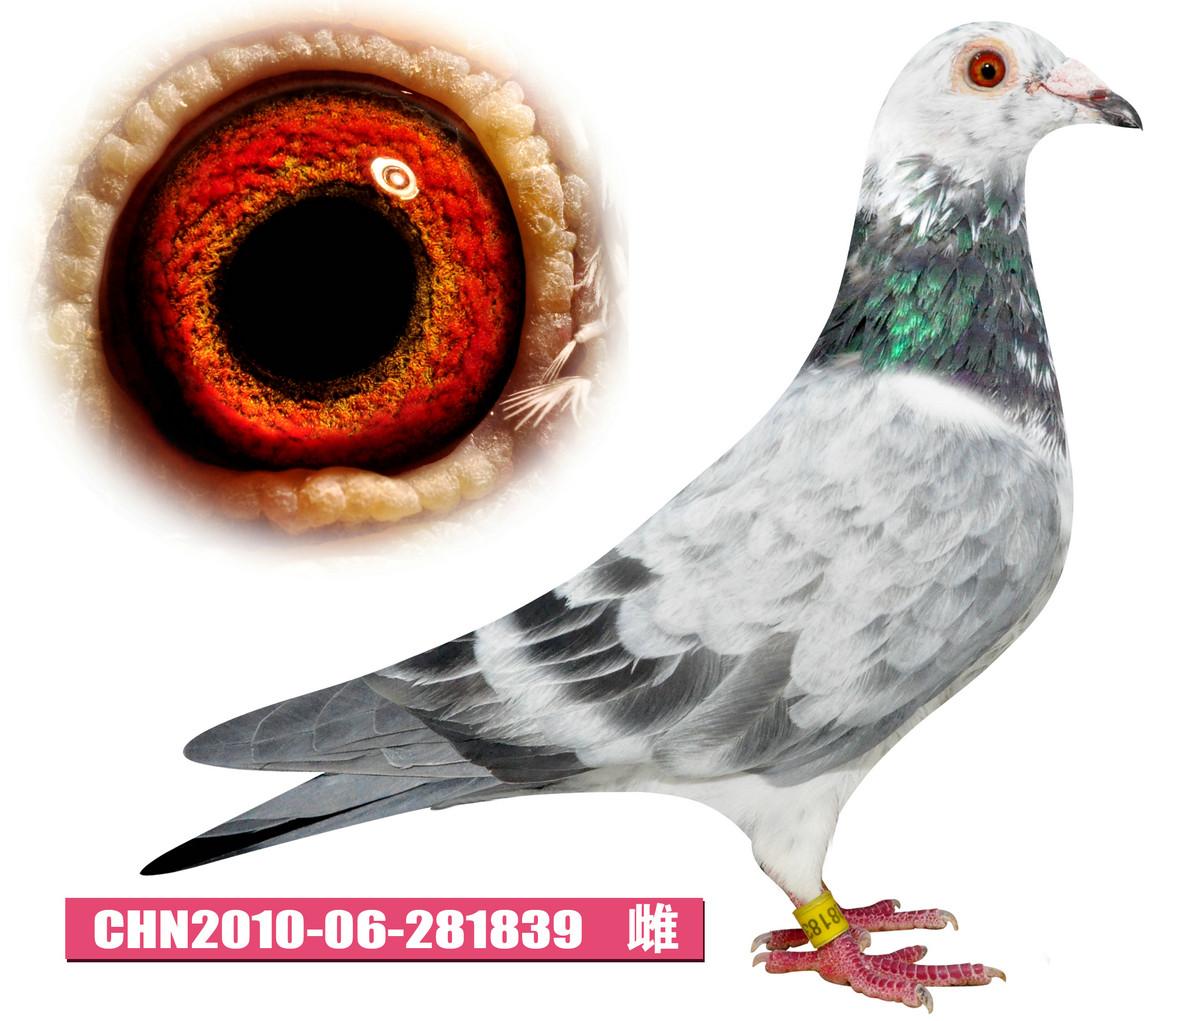 动物 鸽 鸽子 教学图示 鸟 鸟类 1200_1021